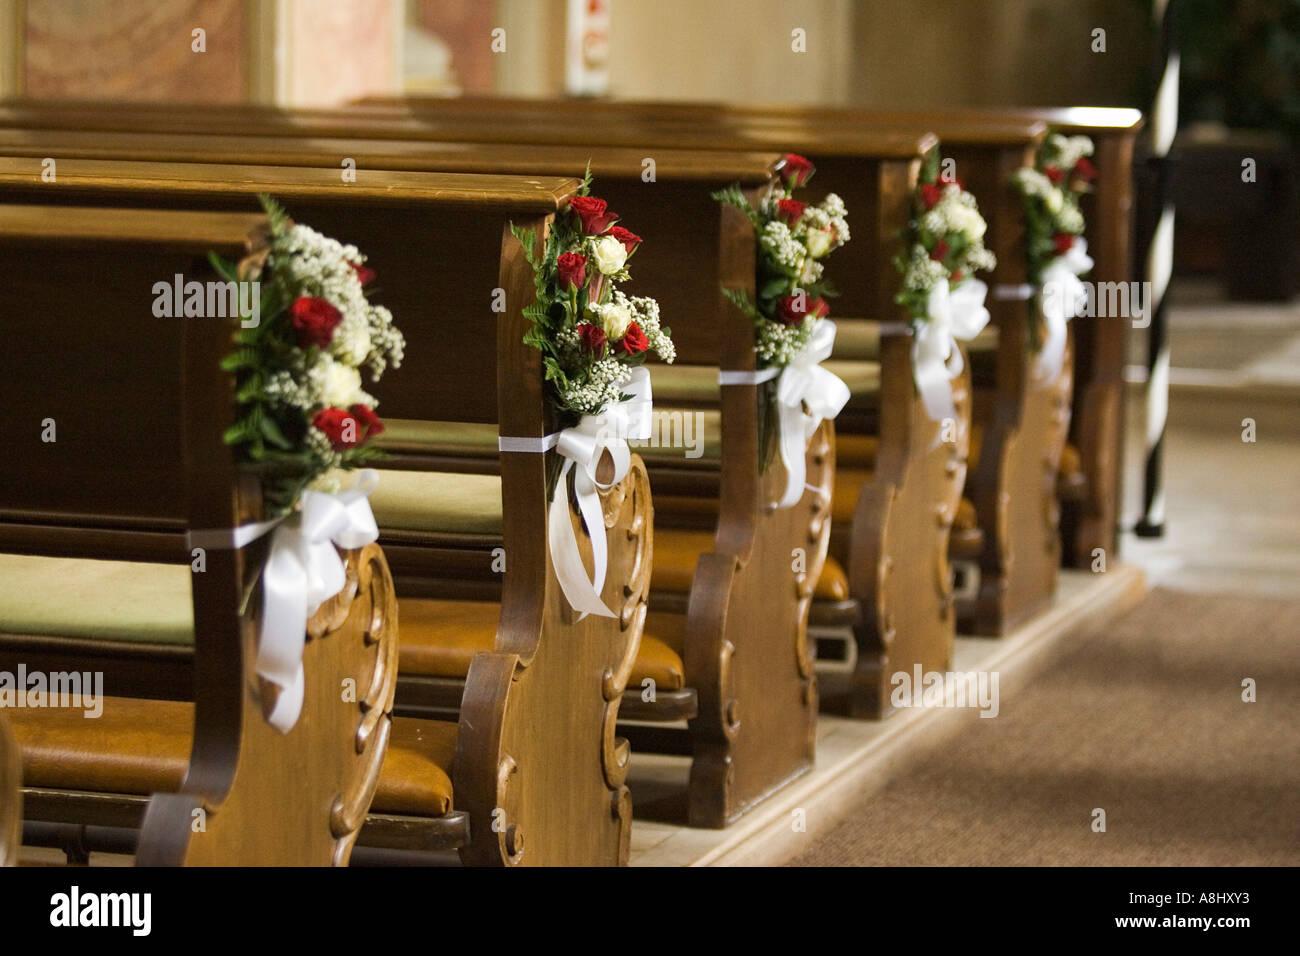 Arreglos Florales Para Una Boda En Los Bancos De Oración En